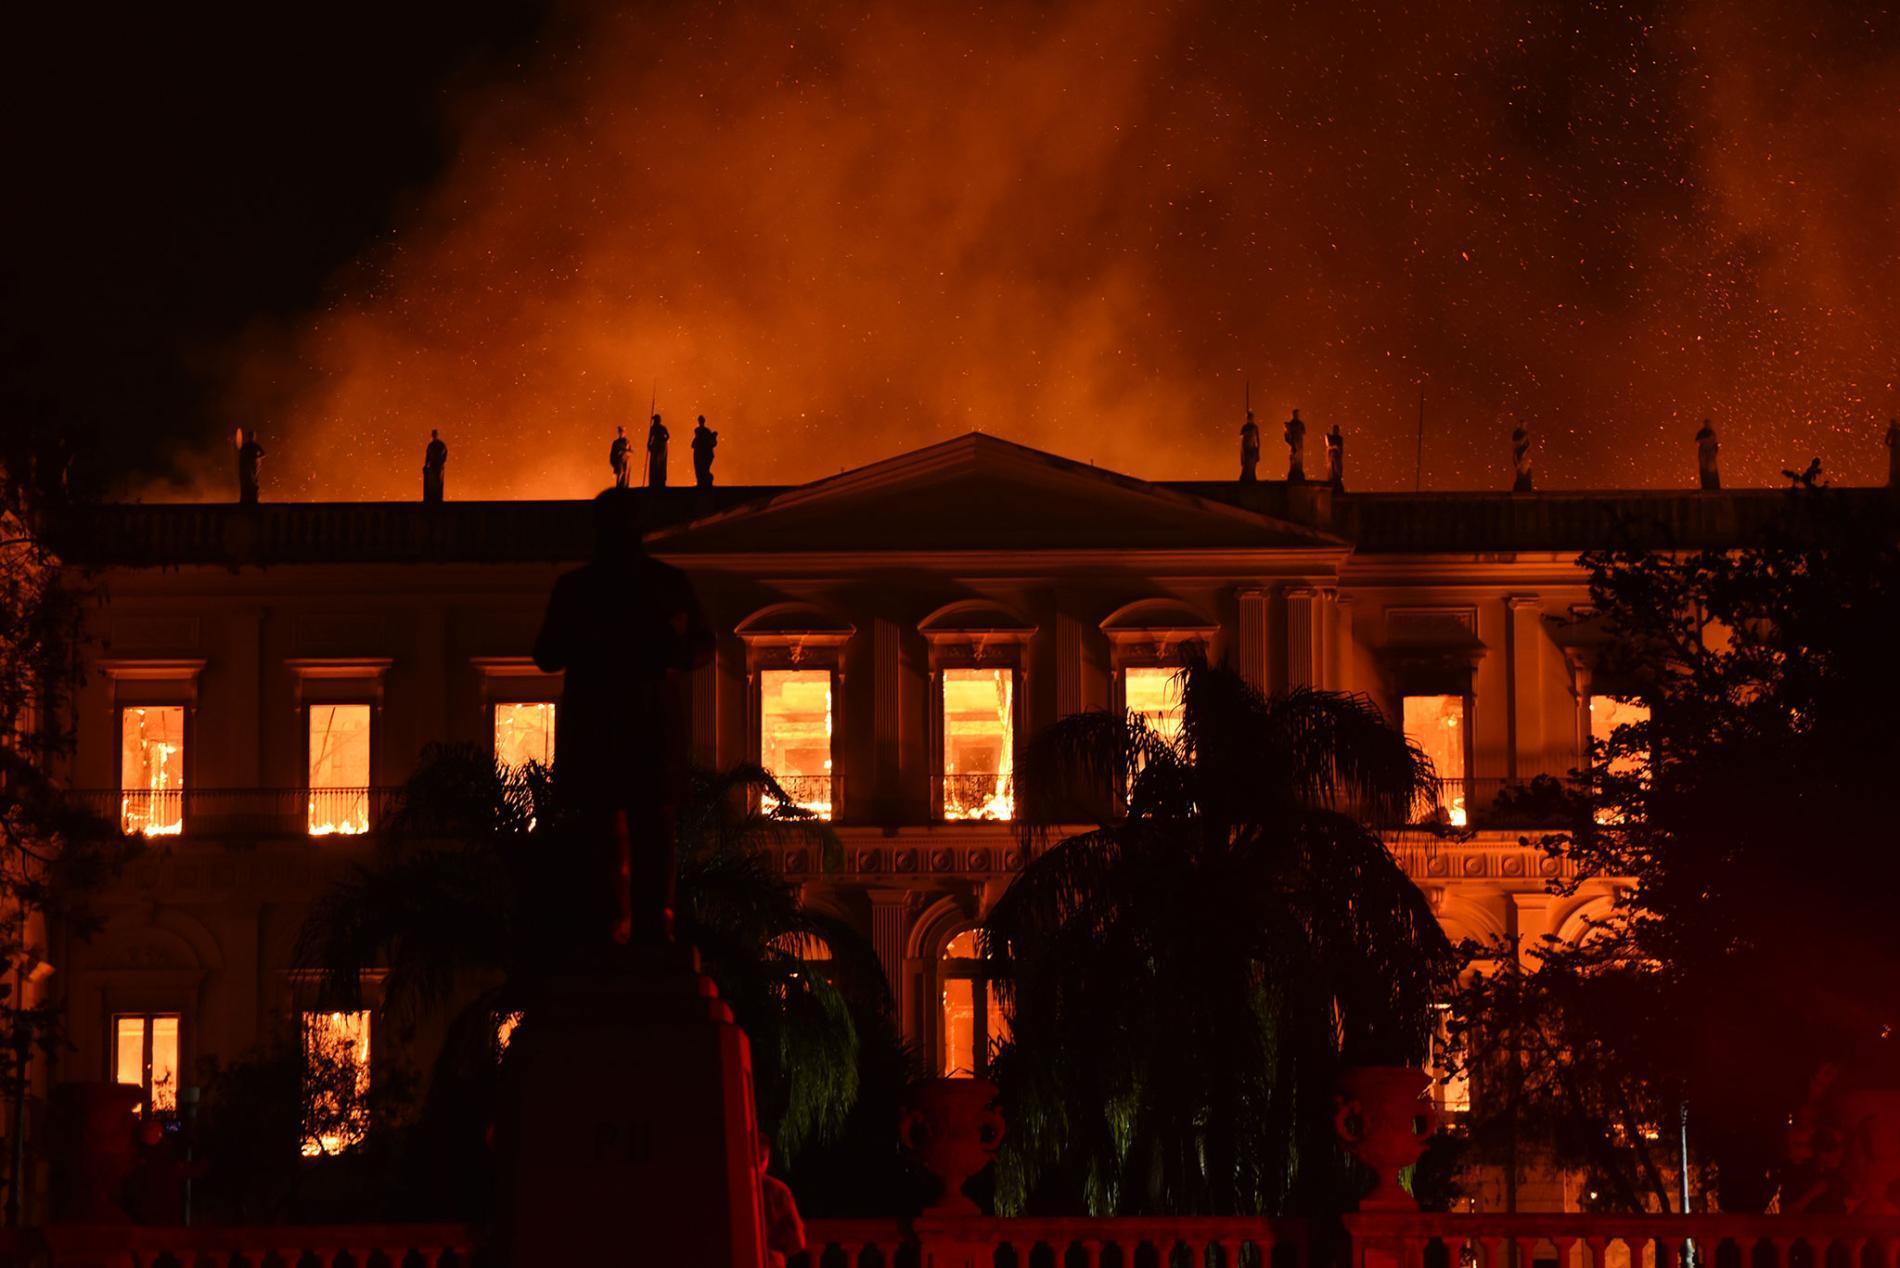 musée national de l'université fédérale de Rio de Janeiro détruit en 2018